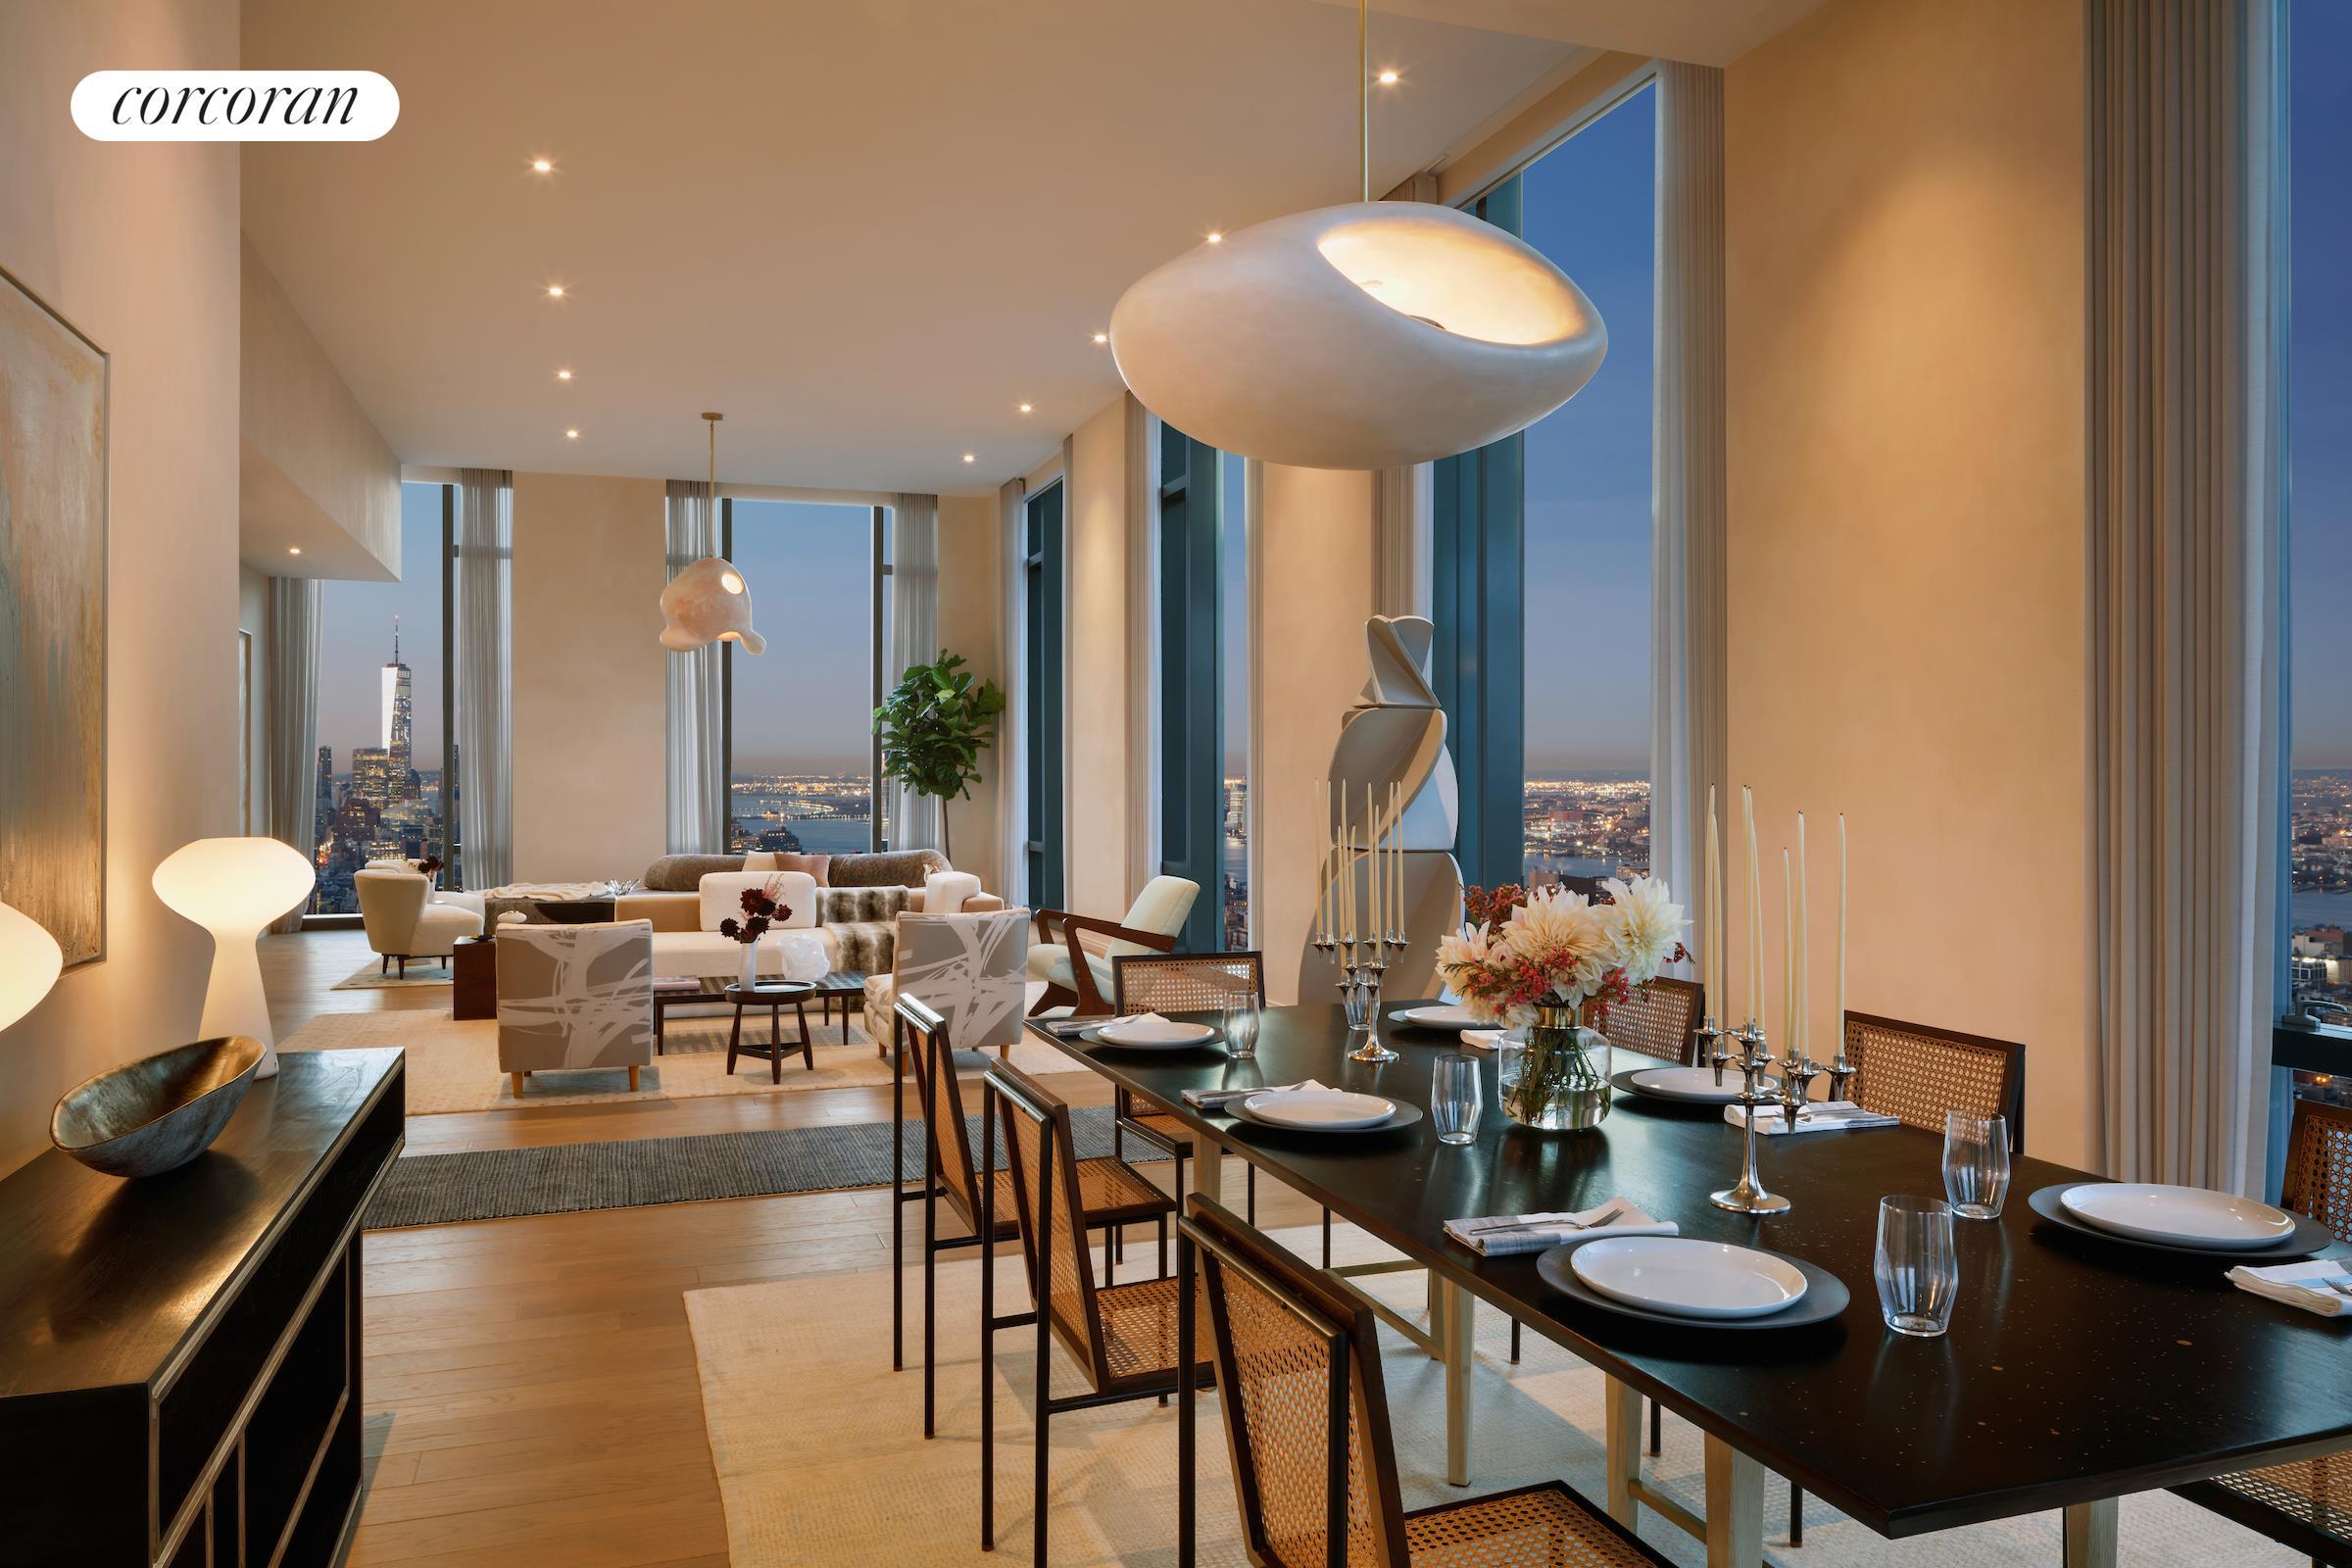 277 Fifth Avenue Interior Photo